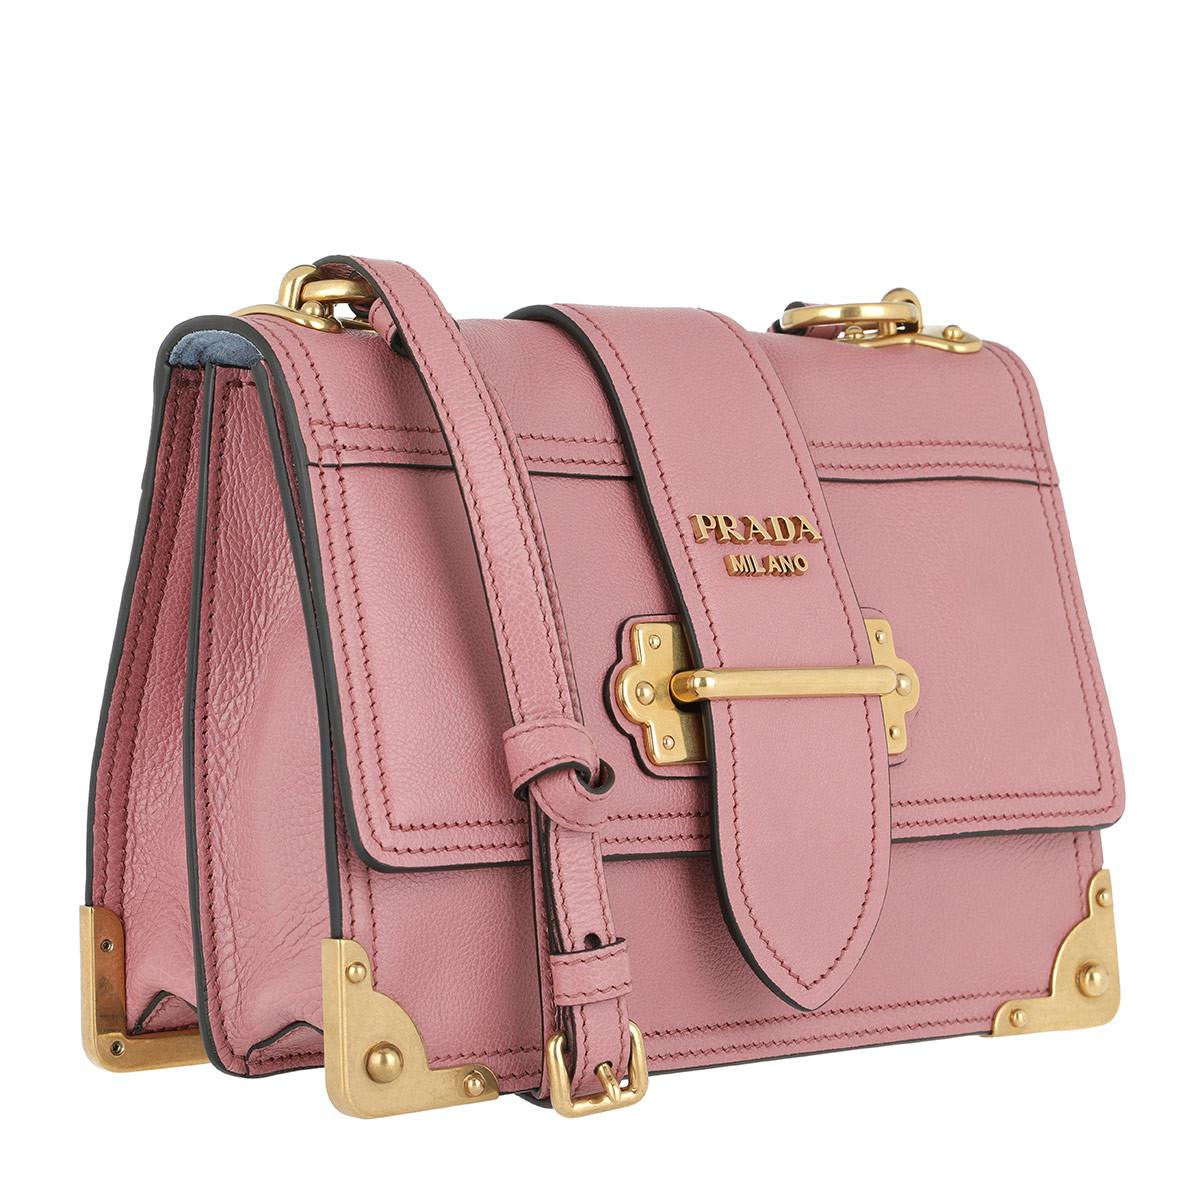 Cross Body Bags - Glace Shoulder Bag Calf Leather Rose - rose - Cross Body Bags for ladies Prada IX3ppz1eL